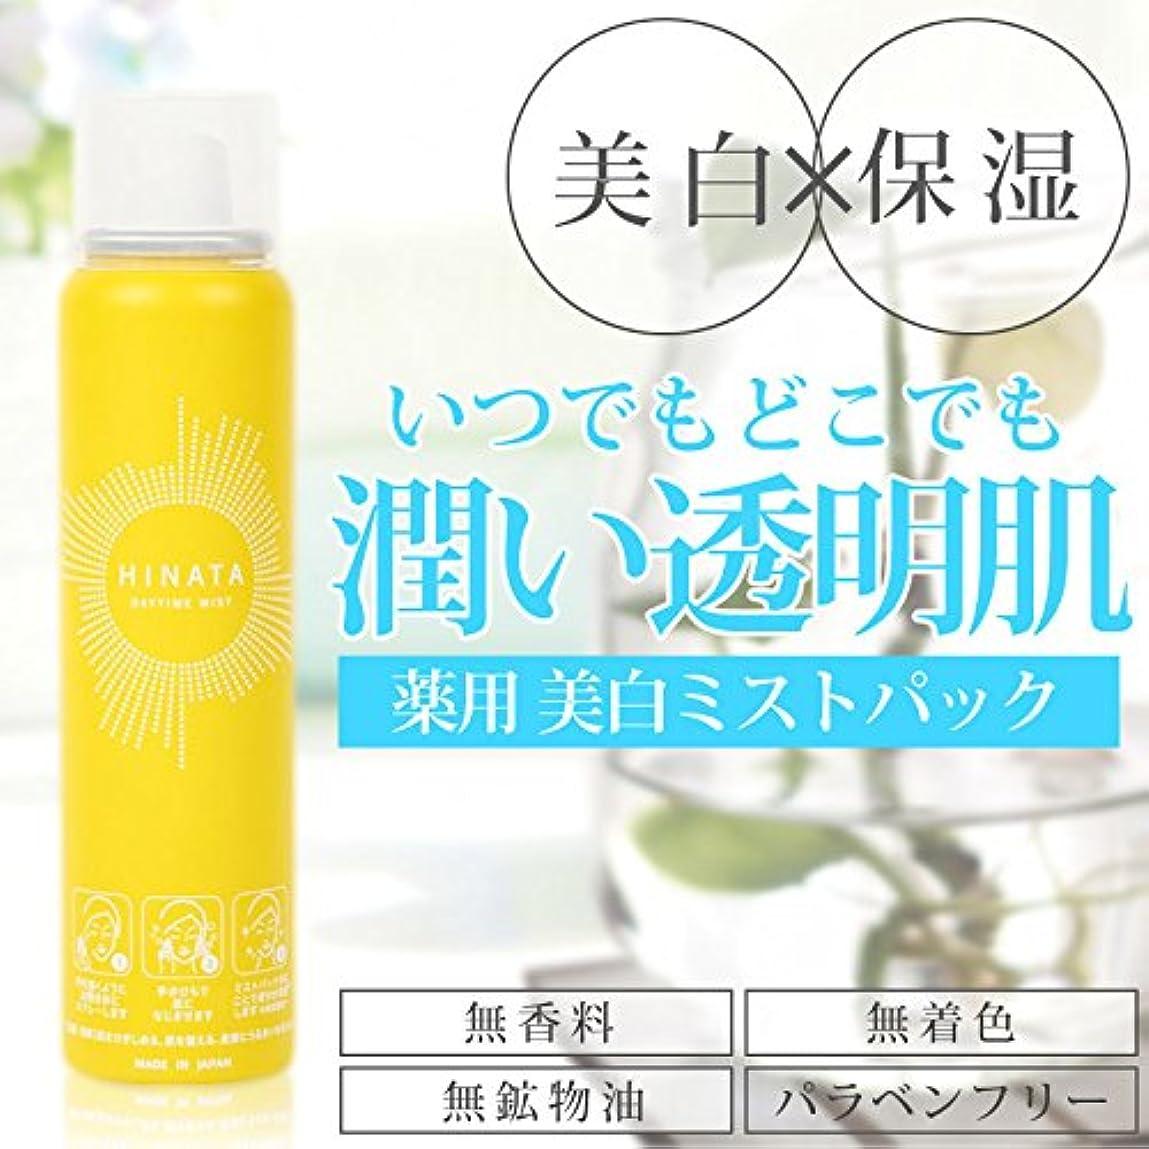 化粧水 ヒナタ 医薬部外品 ミストパック ミストスプレー 美白